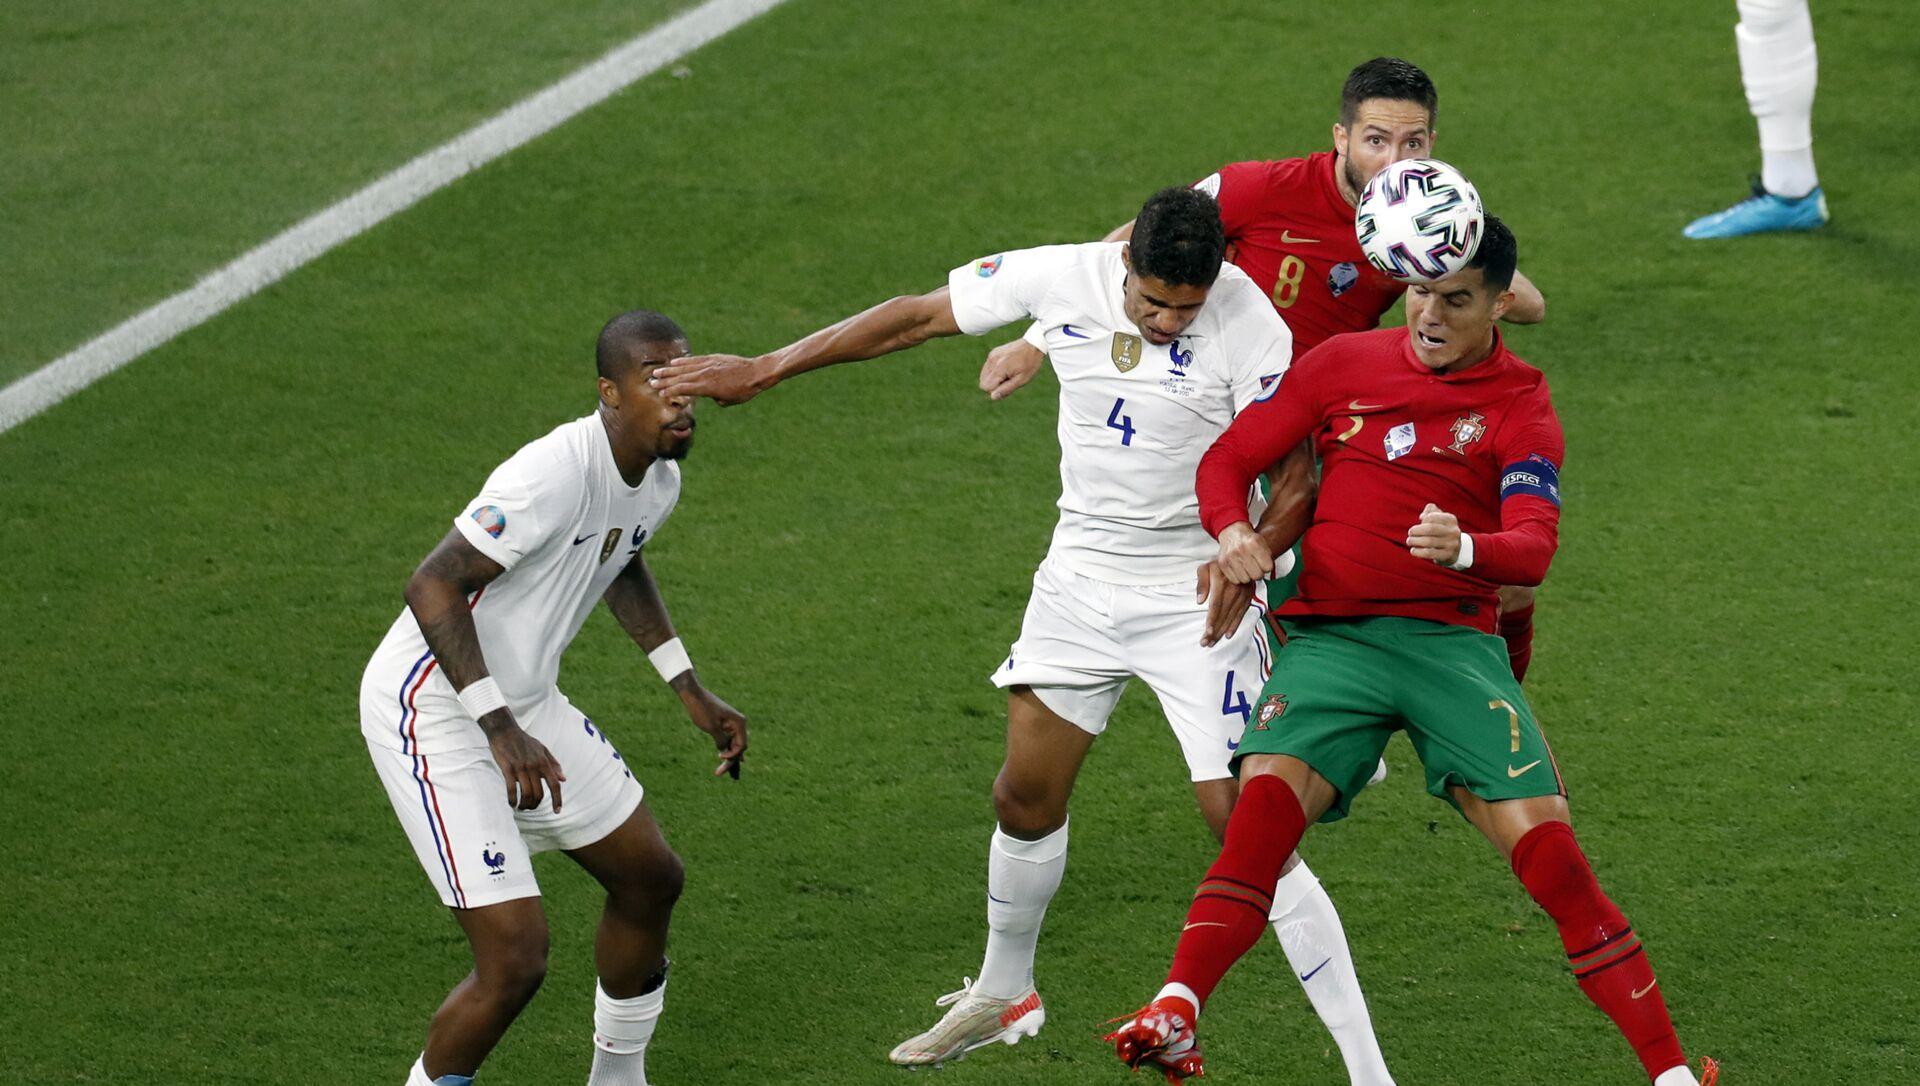 Trận đấu vòng bảng của Giải Vô địch Bóng đá châu Âu EURO 2020 giữa Bồ Đào Nha và đội tuyển Pháp - Sputnik Việt Nam, 1920, 24.06.2021